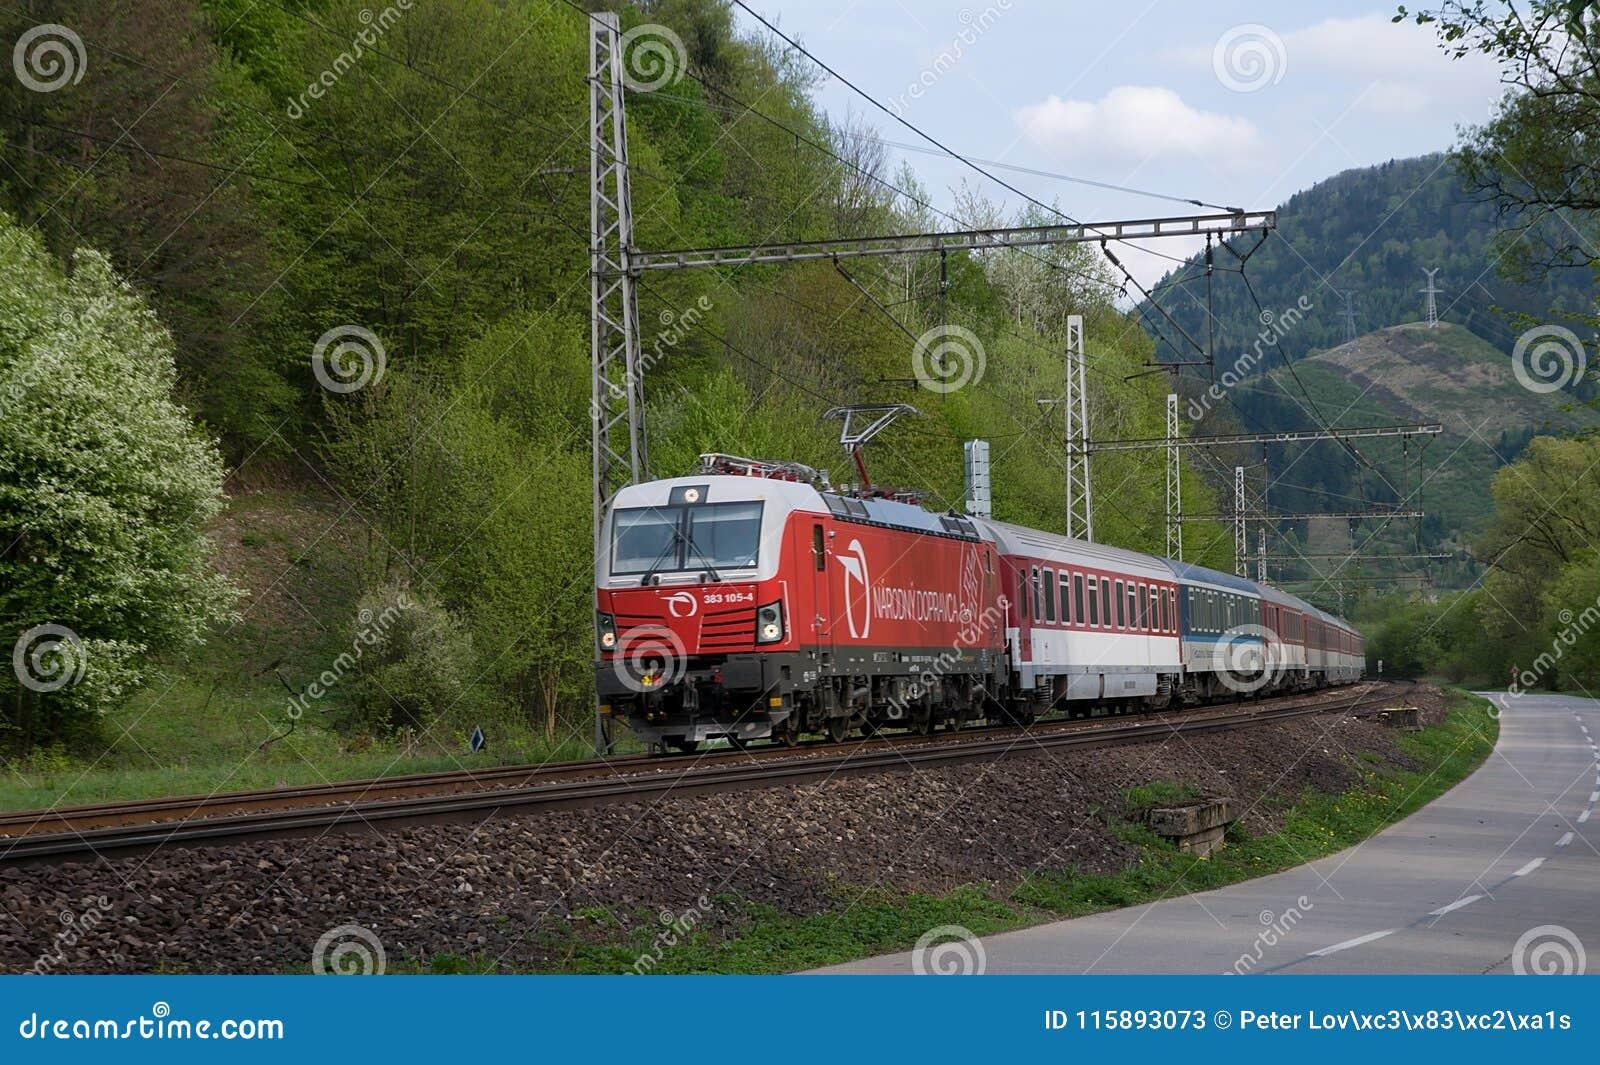 Nationell bärare av slovakiska järnvägar - rörliga Siemens